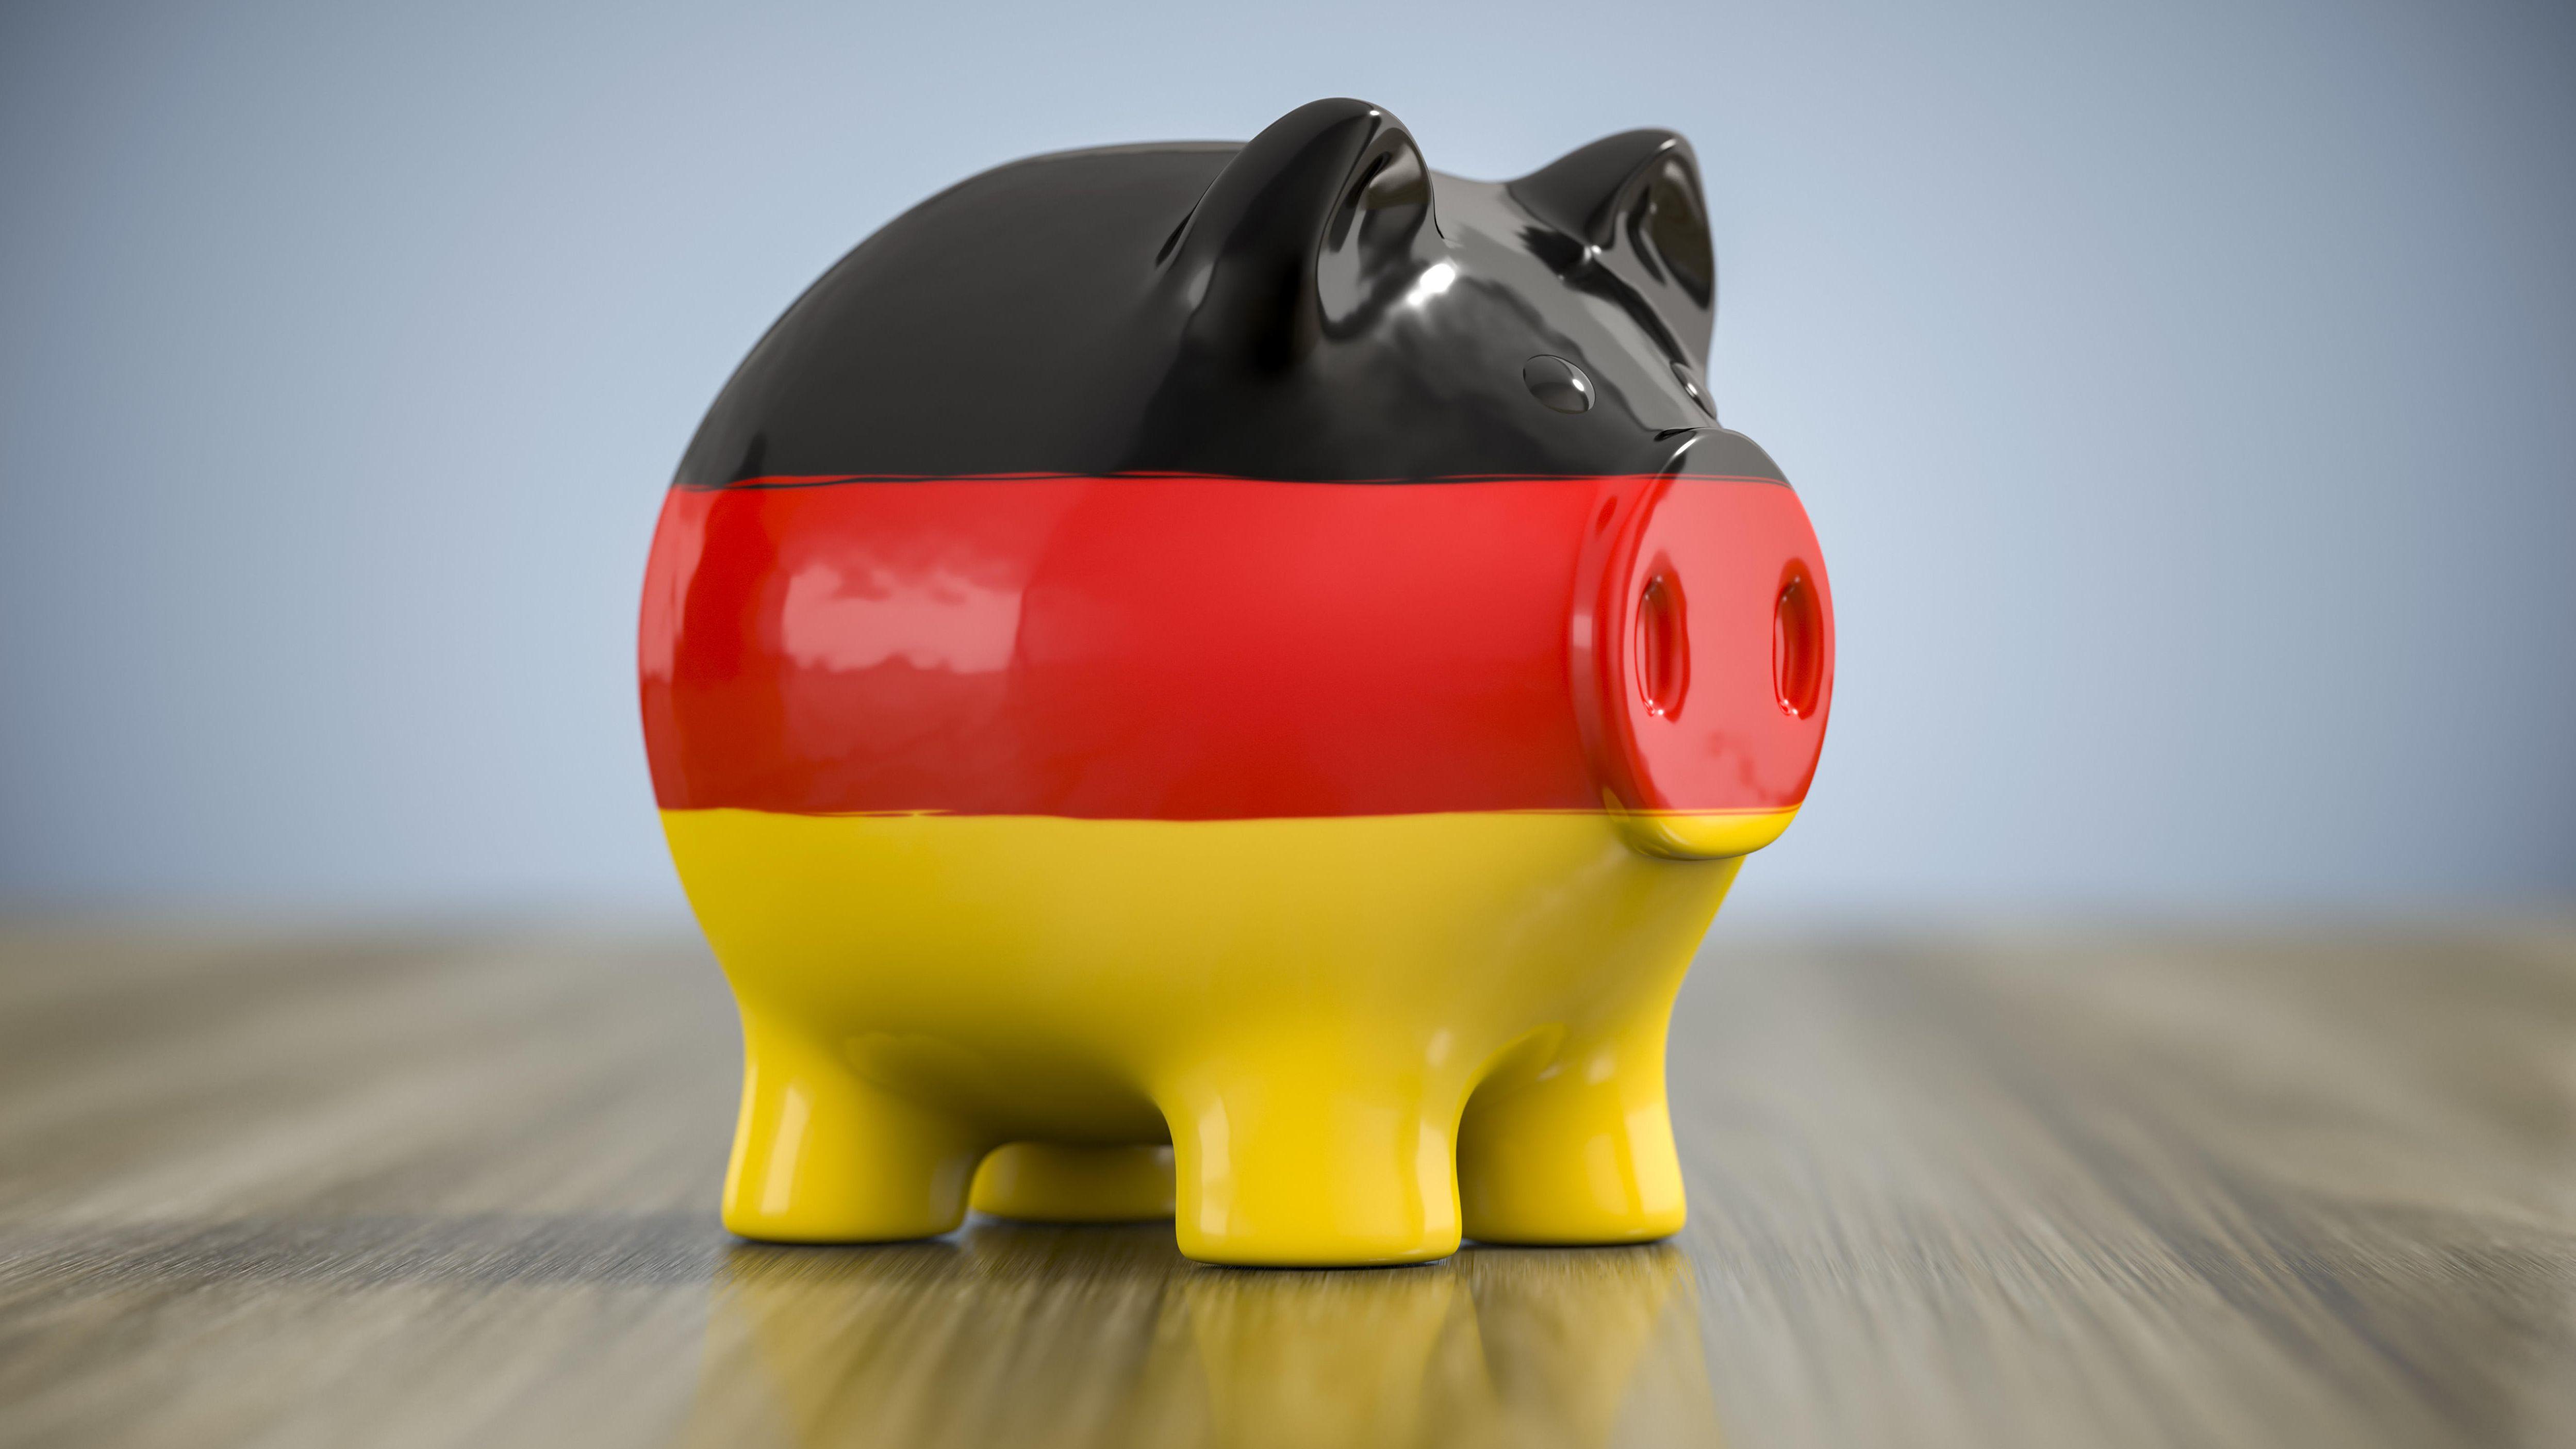 Ein Sparschwein in den Farben der deutschen Nationalflagge